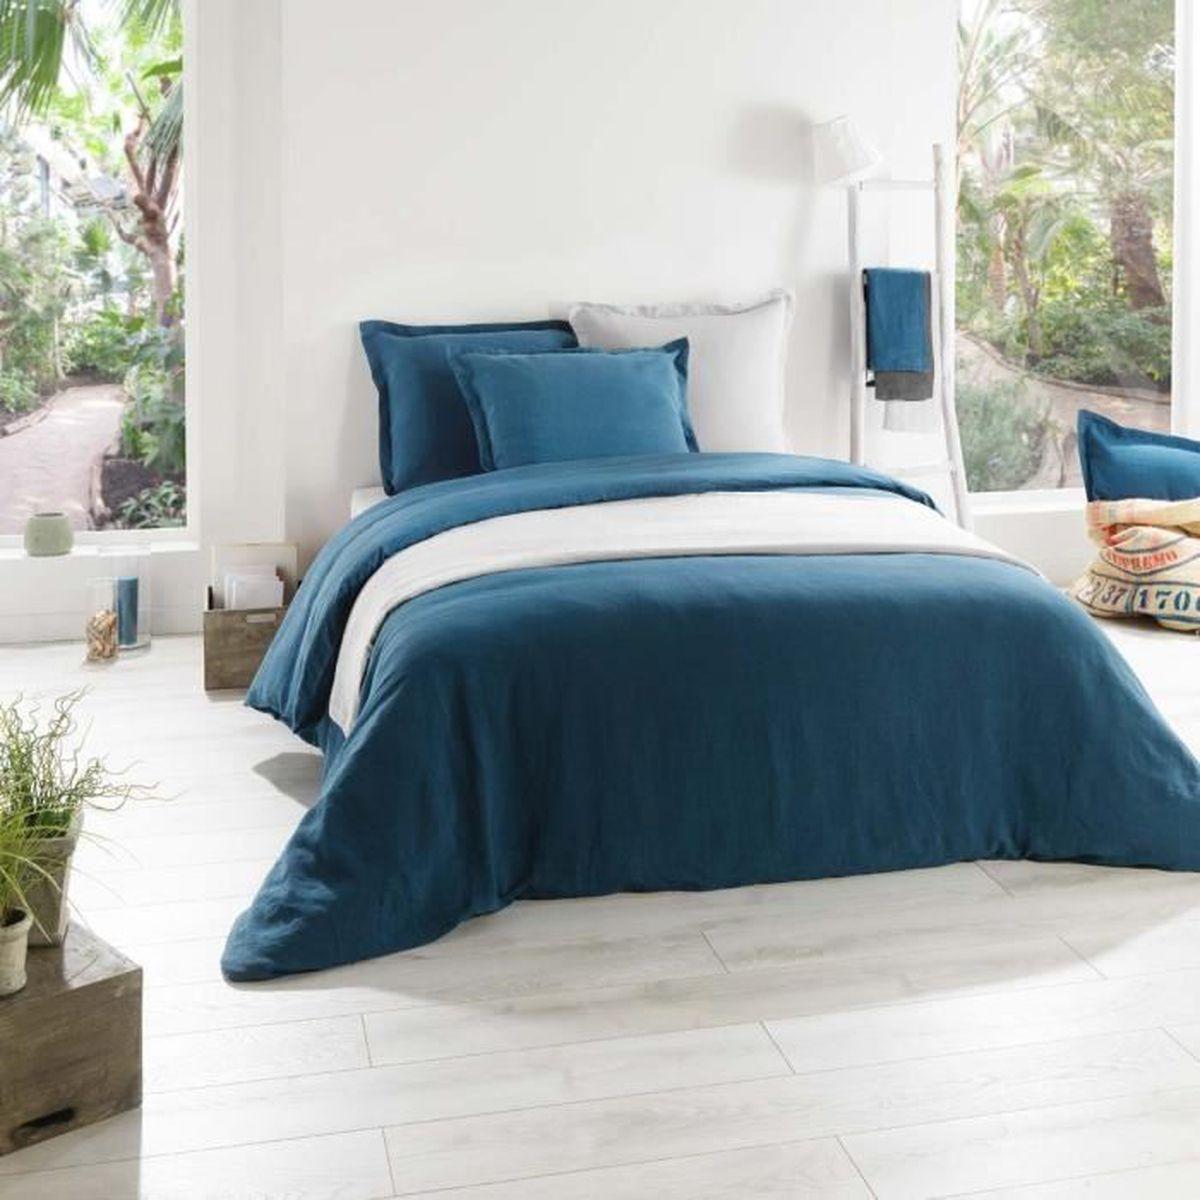 drap housse lin bleu canard 160x200 cm achat vente. Black Bedroom Furniture Sets. Home Design Ideas